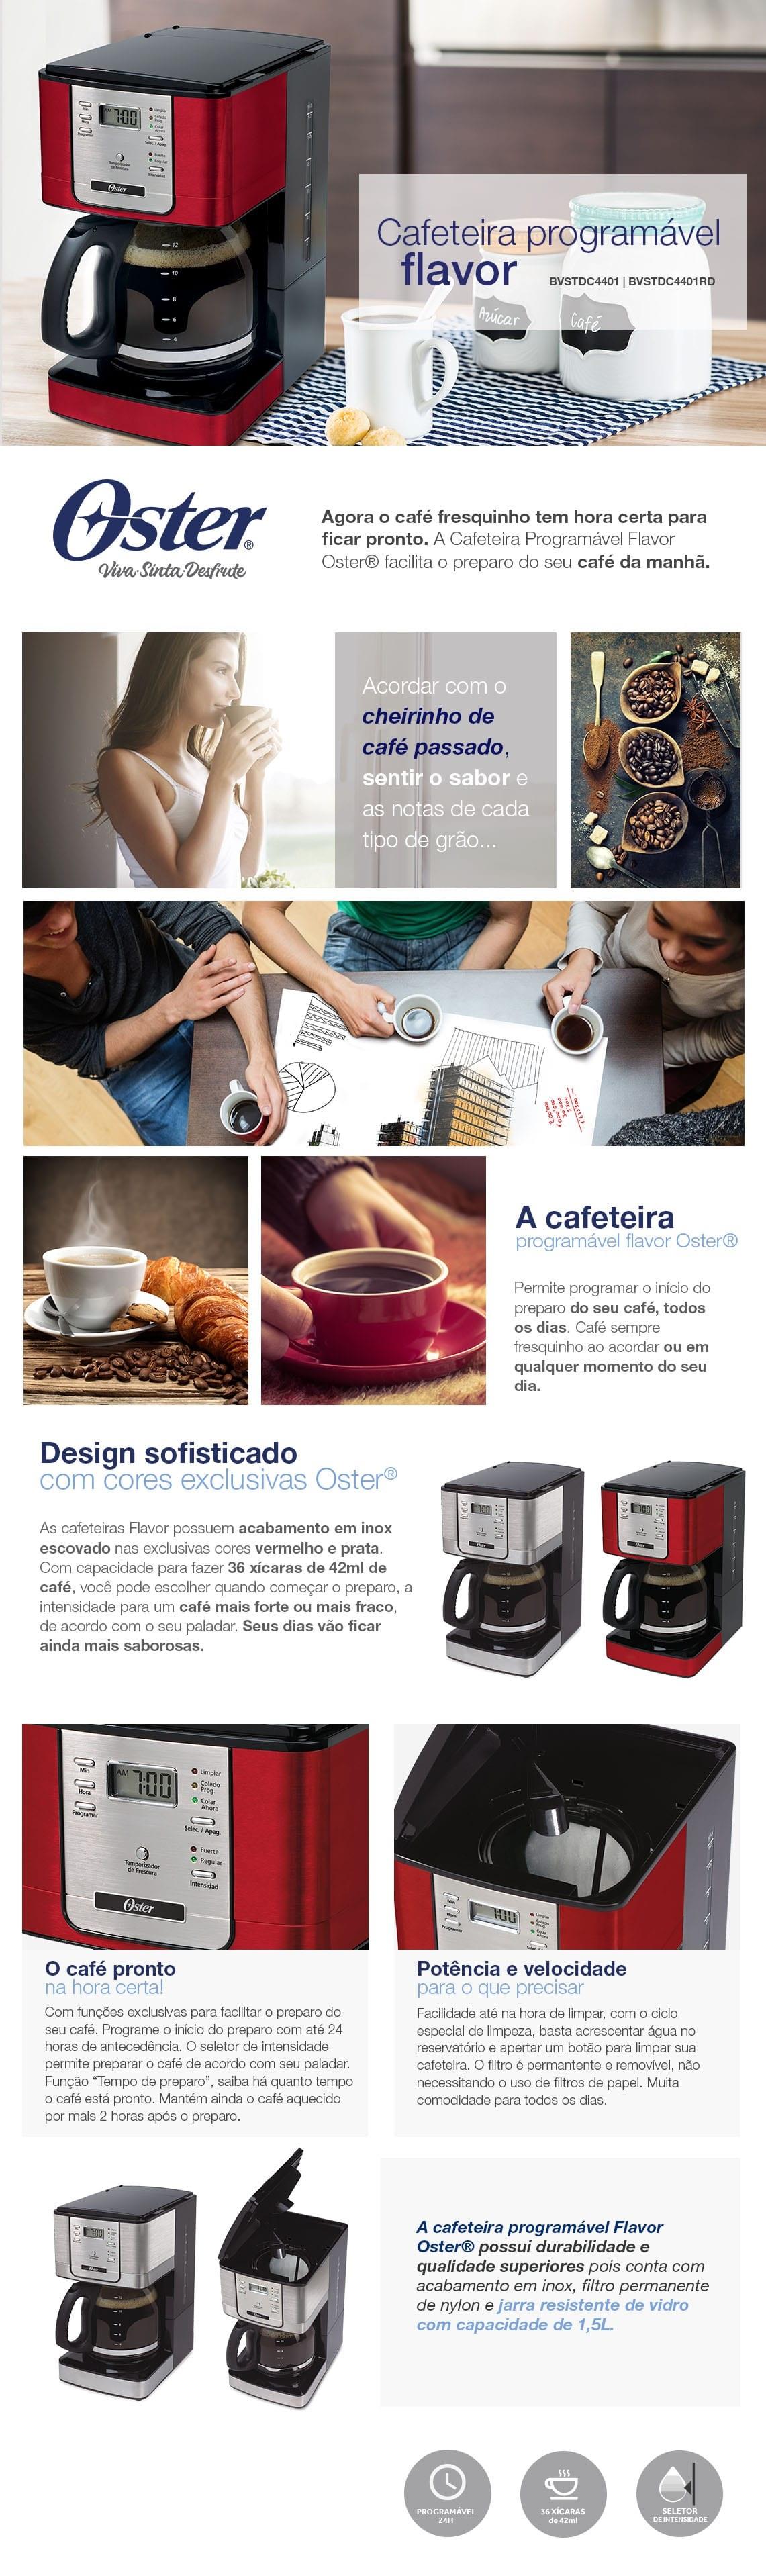 Cafeteira_Oster_Flavor_Vermelha_Program_vel